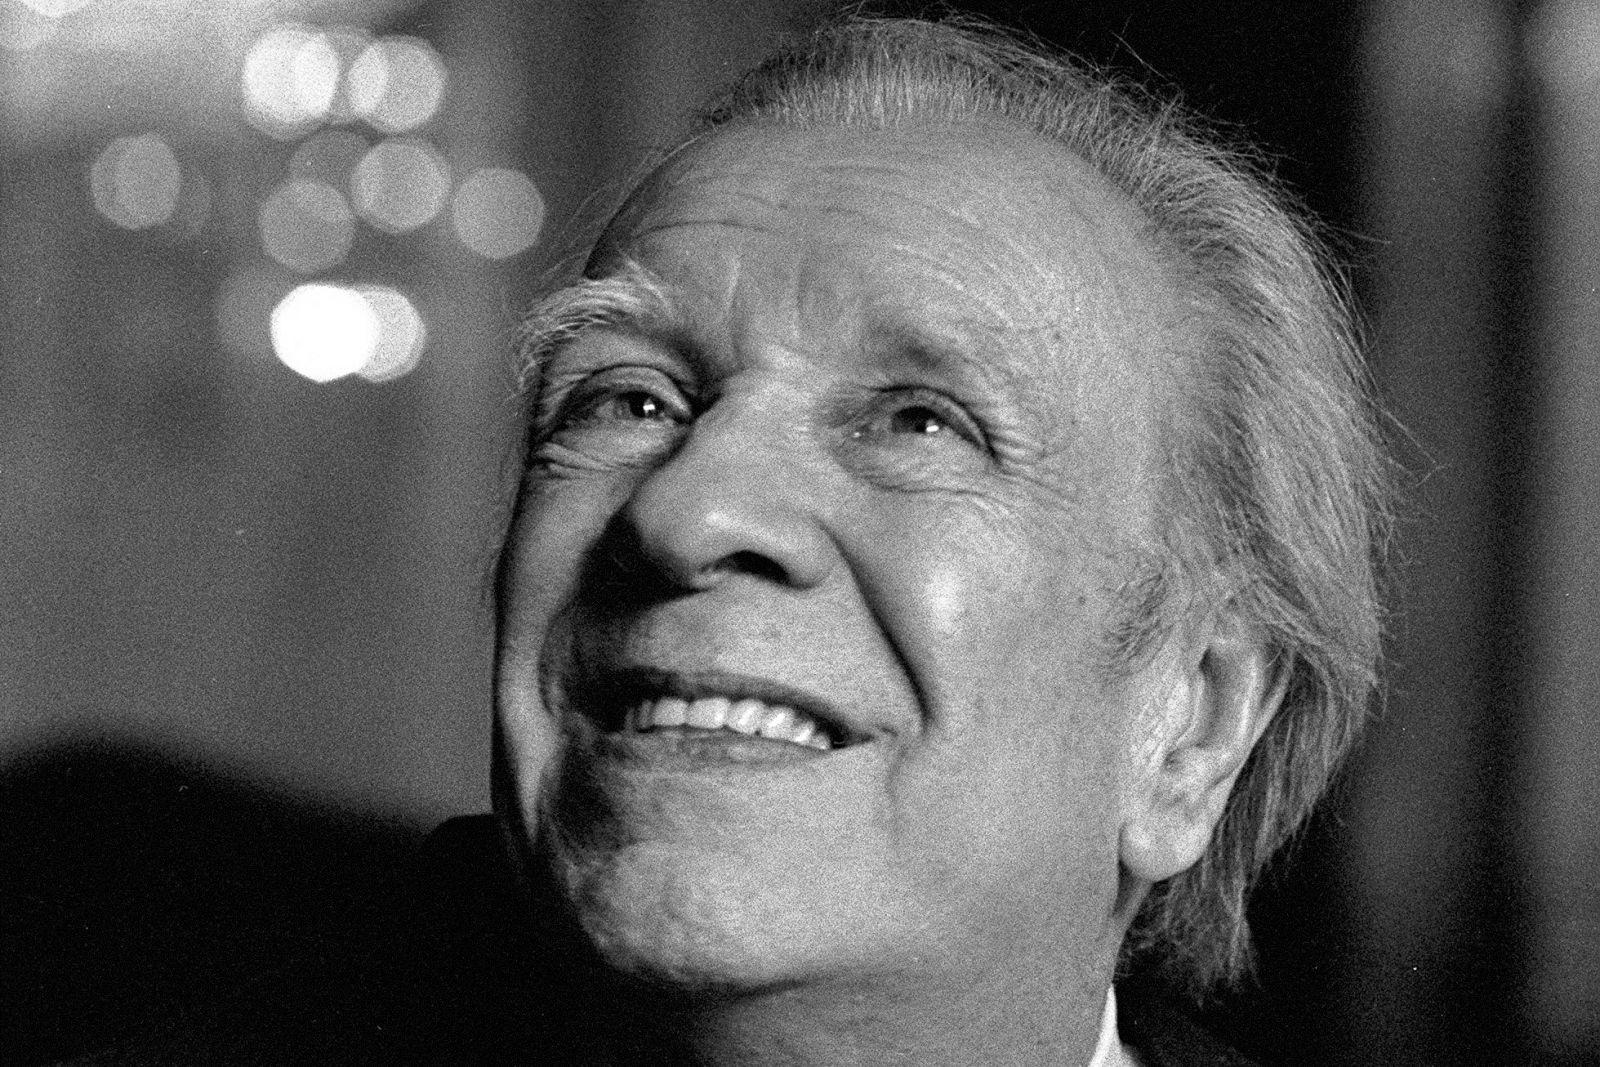 Jorge Luis Borges. Los dos reyes y los dos laberintos. - jorge_luis_borges